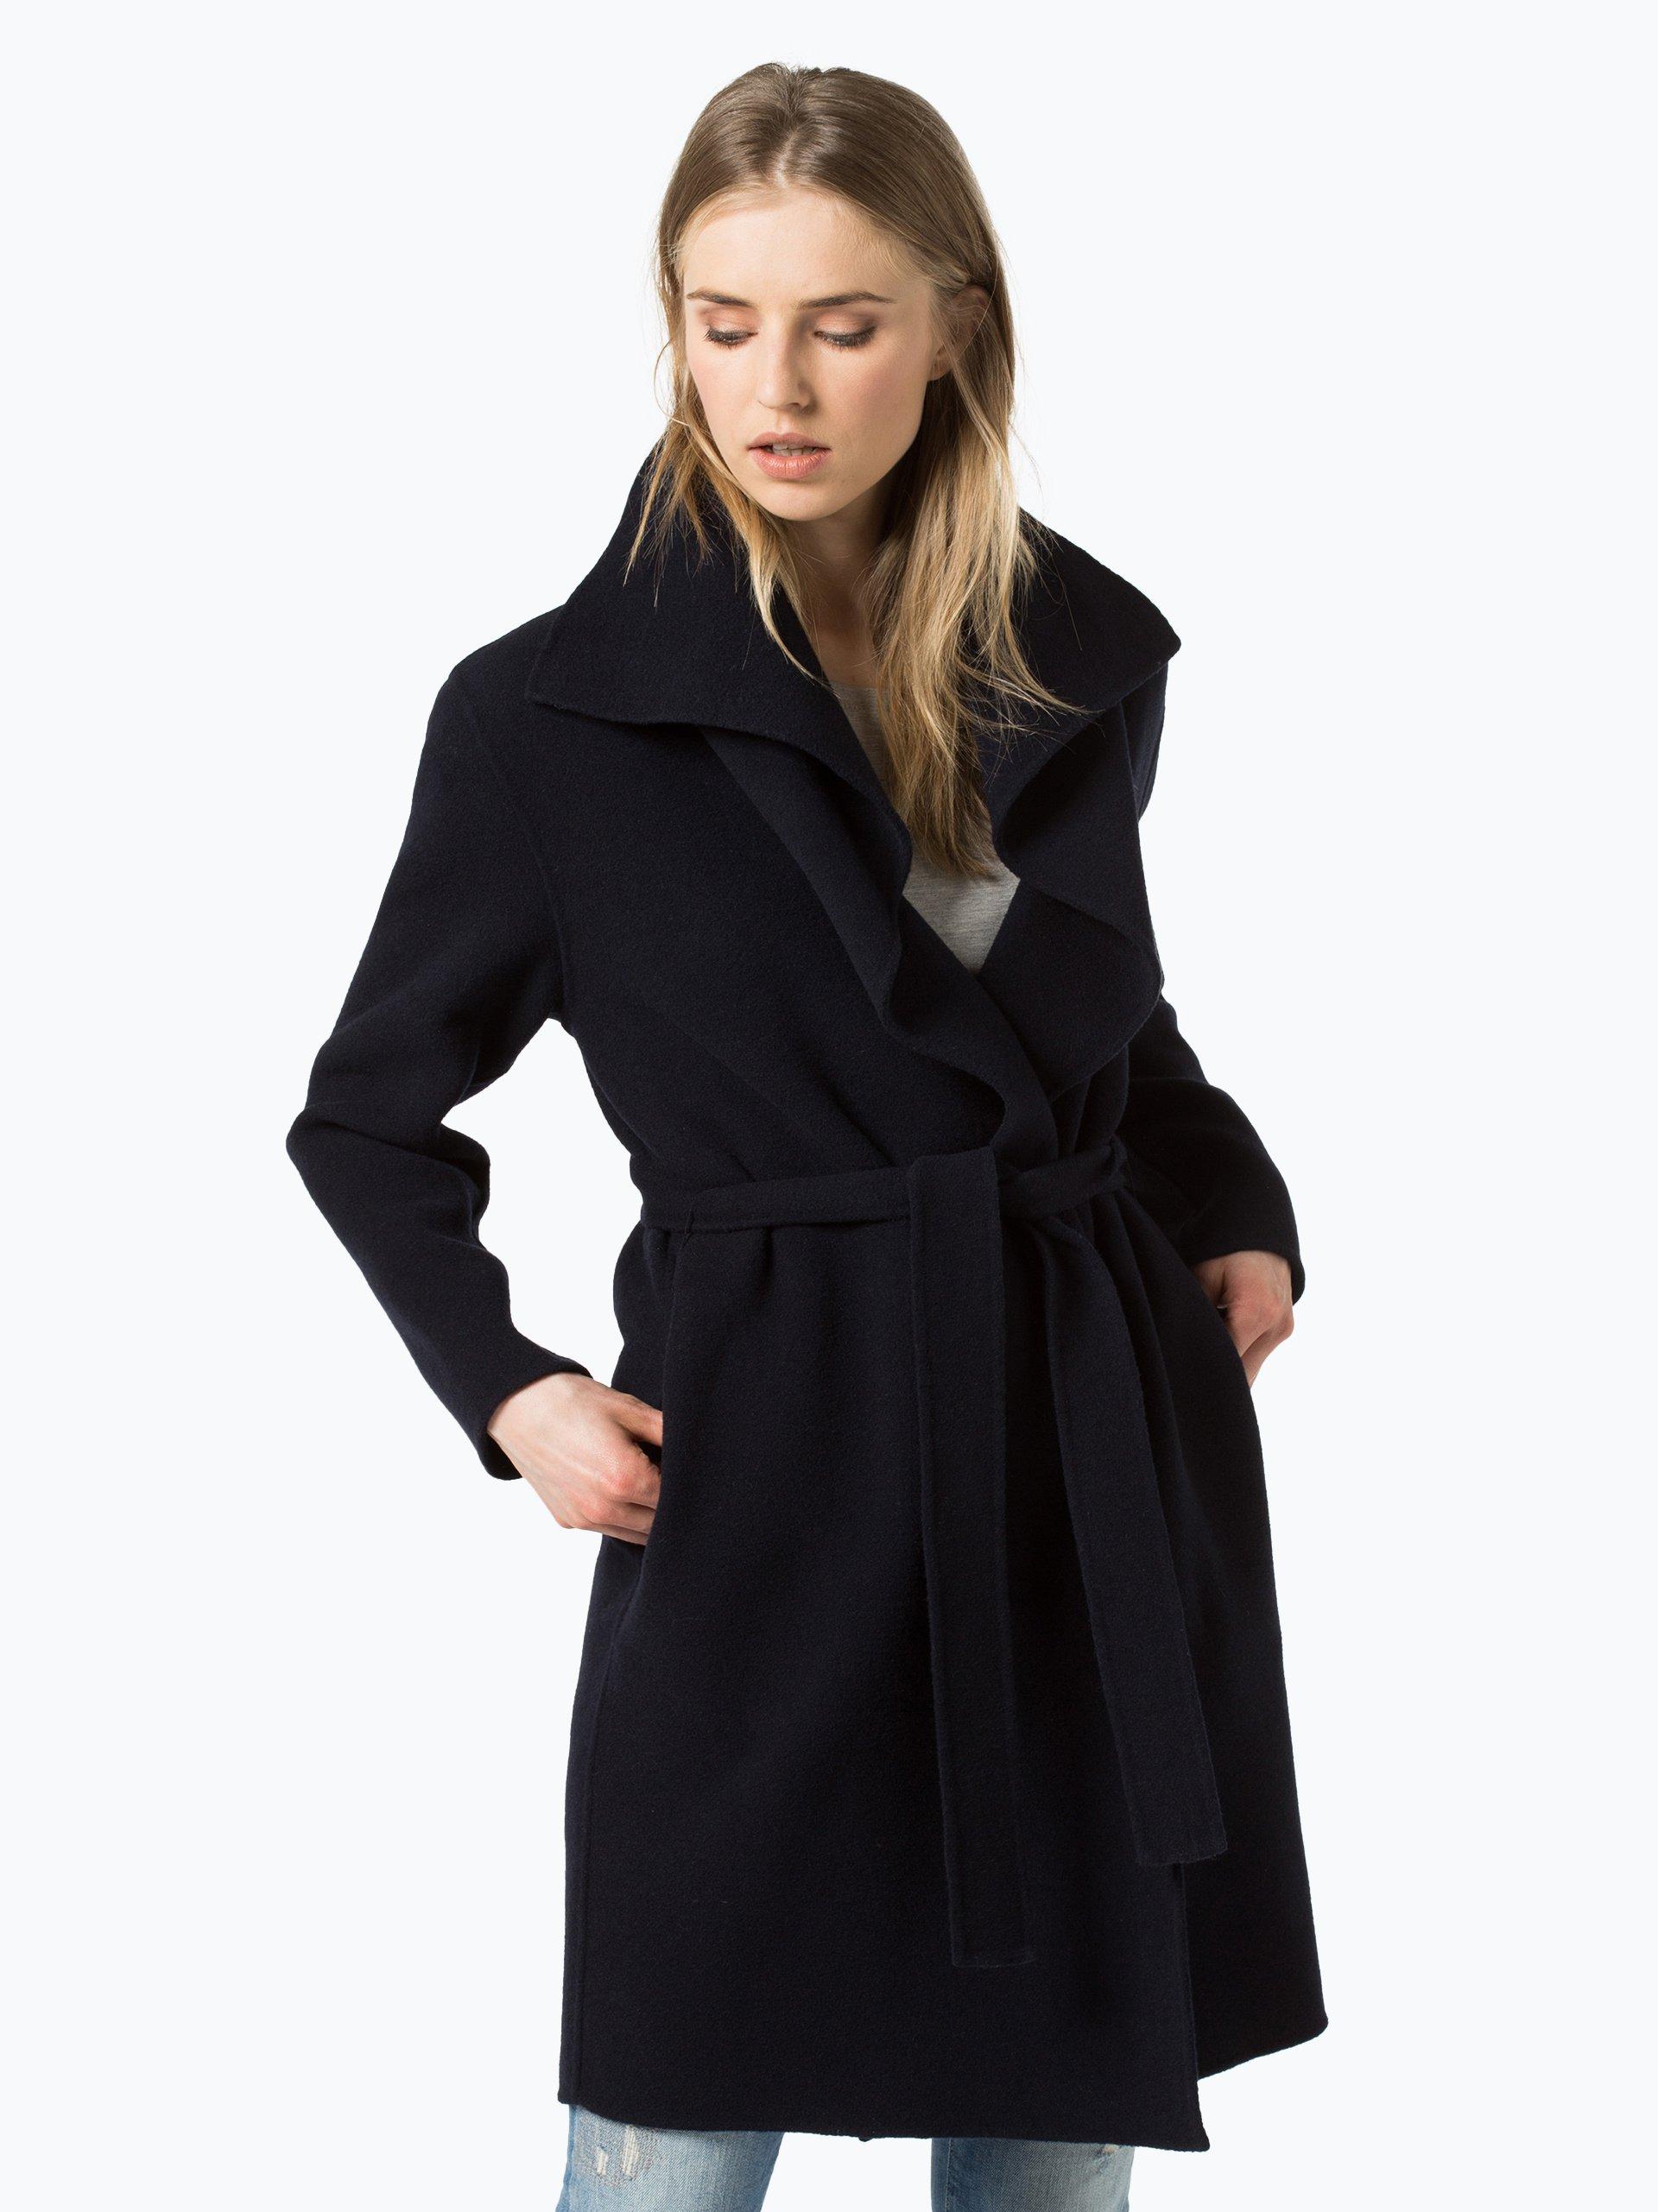 svb exquisit damen mantel mit cashmere anteil 2 online kaufen peek und cloppenburg de. Black Bedroom Furniture Sets. Home Design Ideas